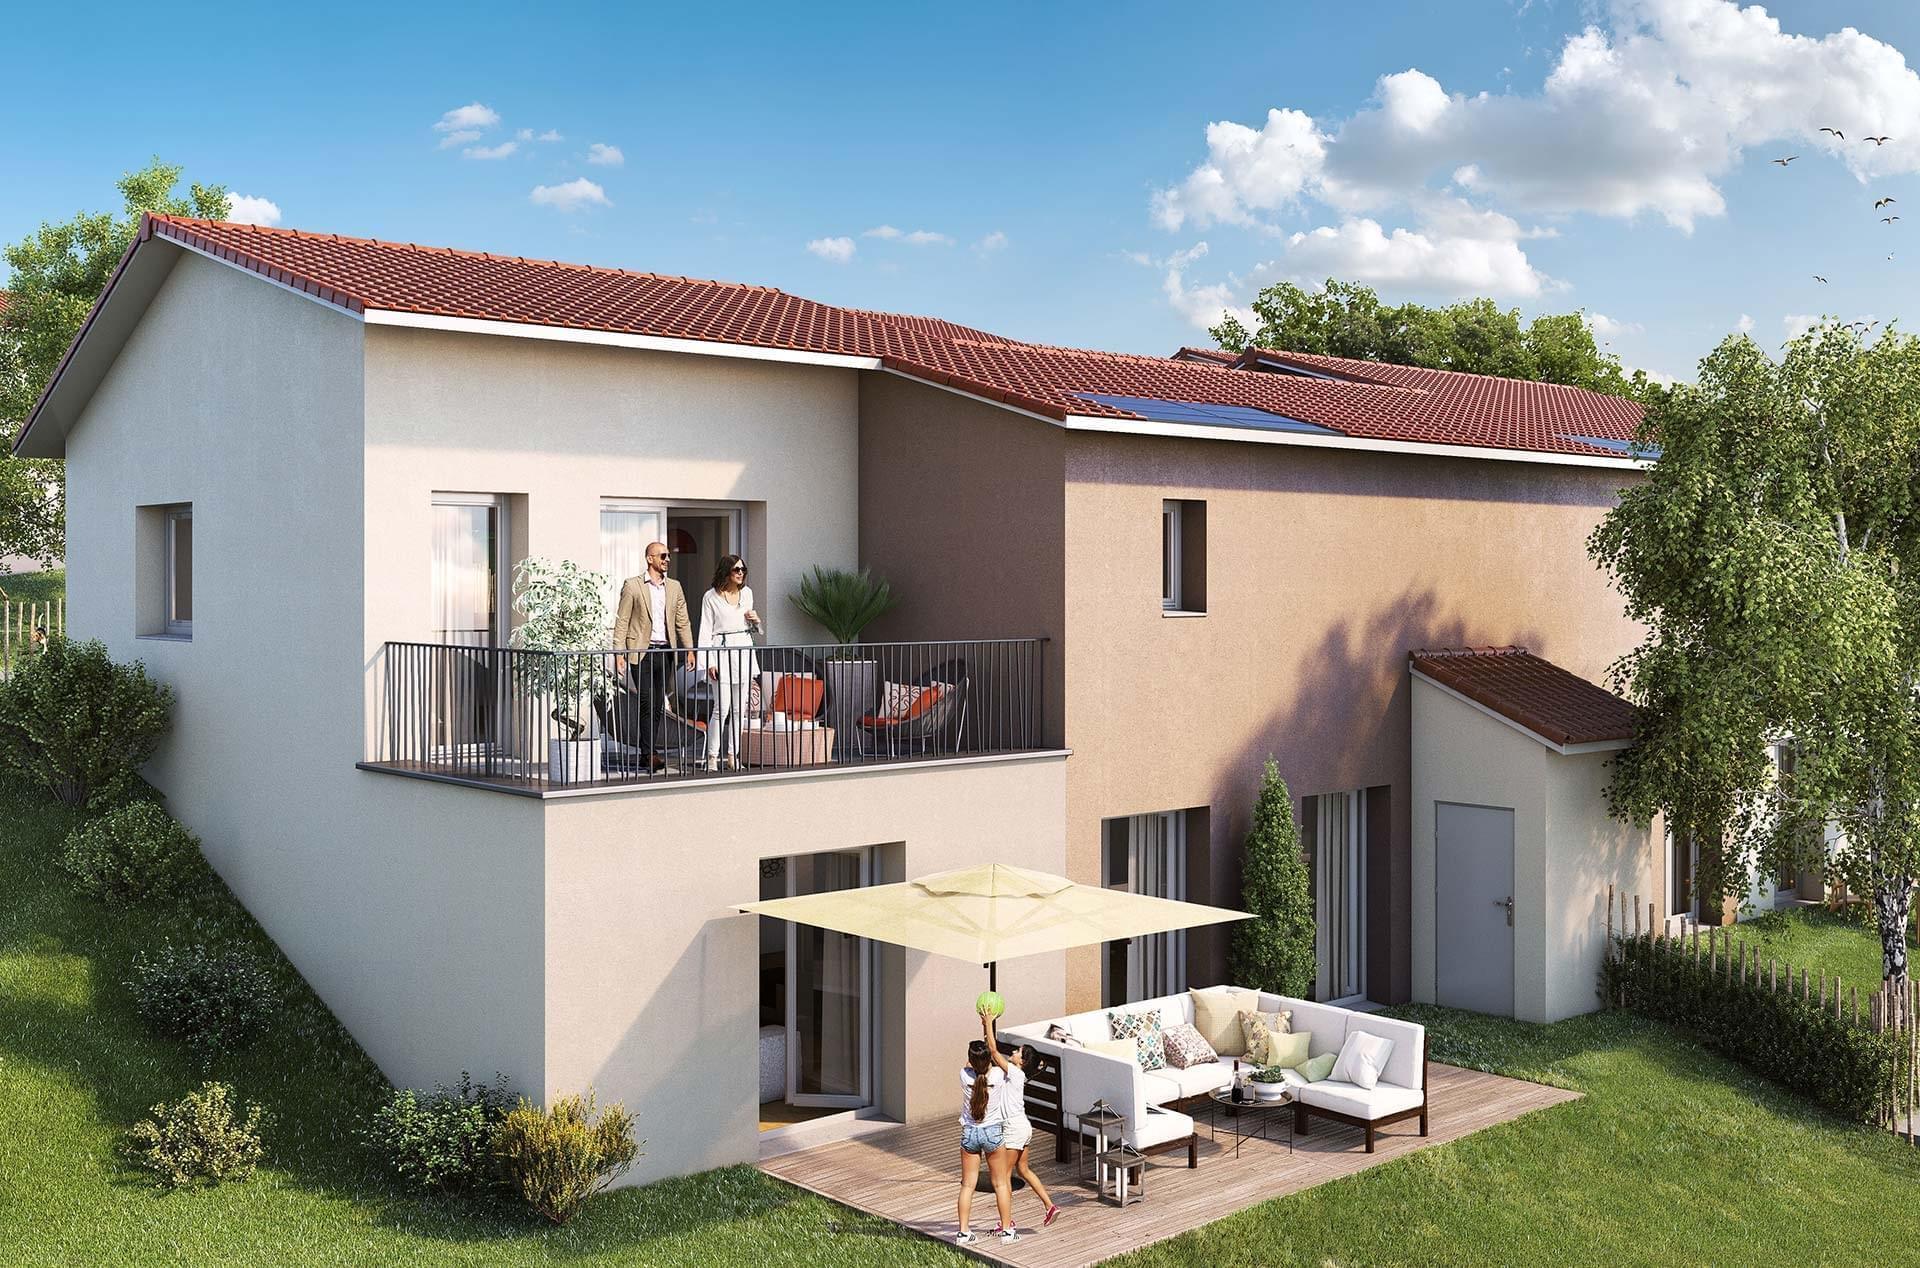 Achetez votre maison neuve avec mca constructeur dans l 39 ouest lyonnais vaugneray les terrasses - Maison neuve bbc ...